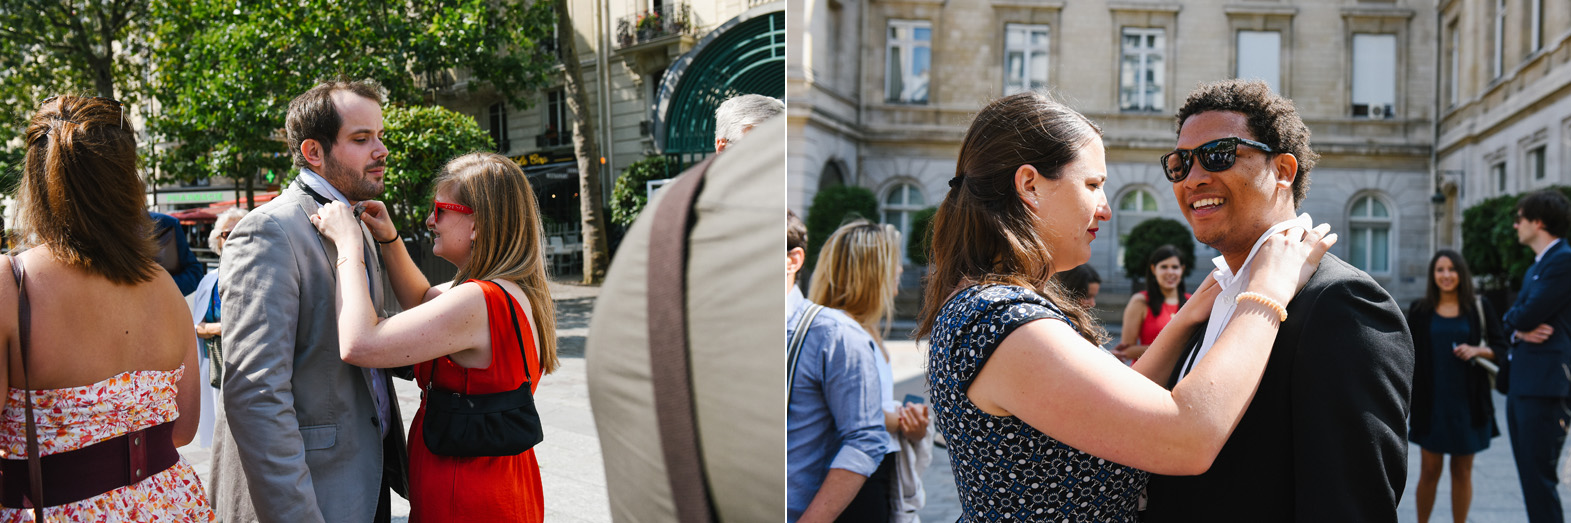 mariage_civil_AF_paris_75_photographe_clemence_dubois MEP4